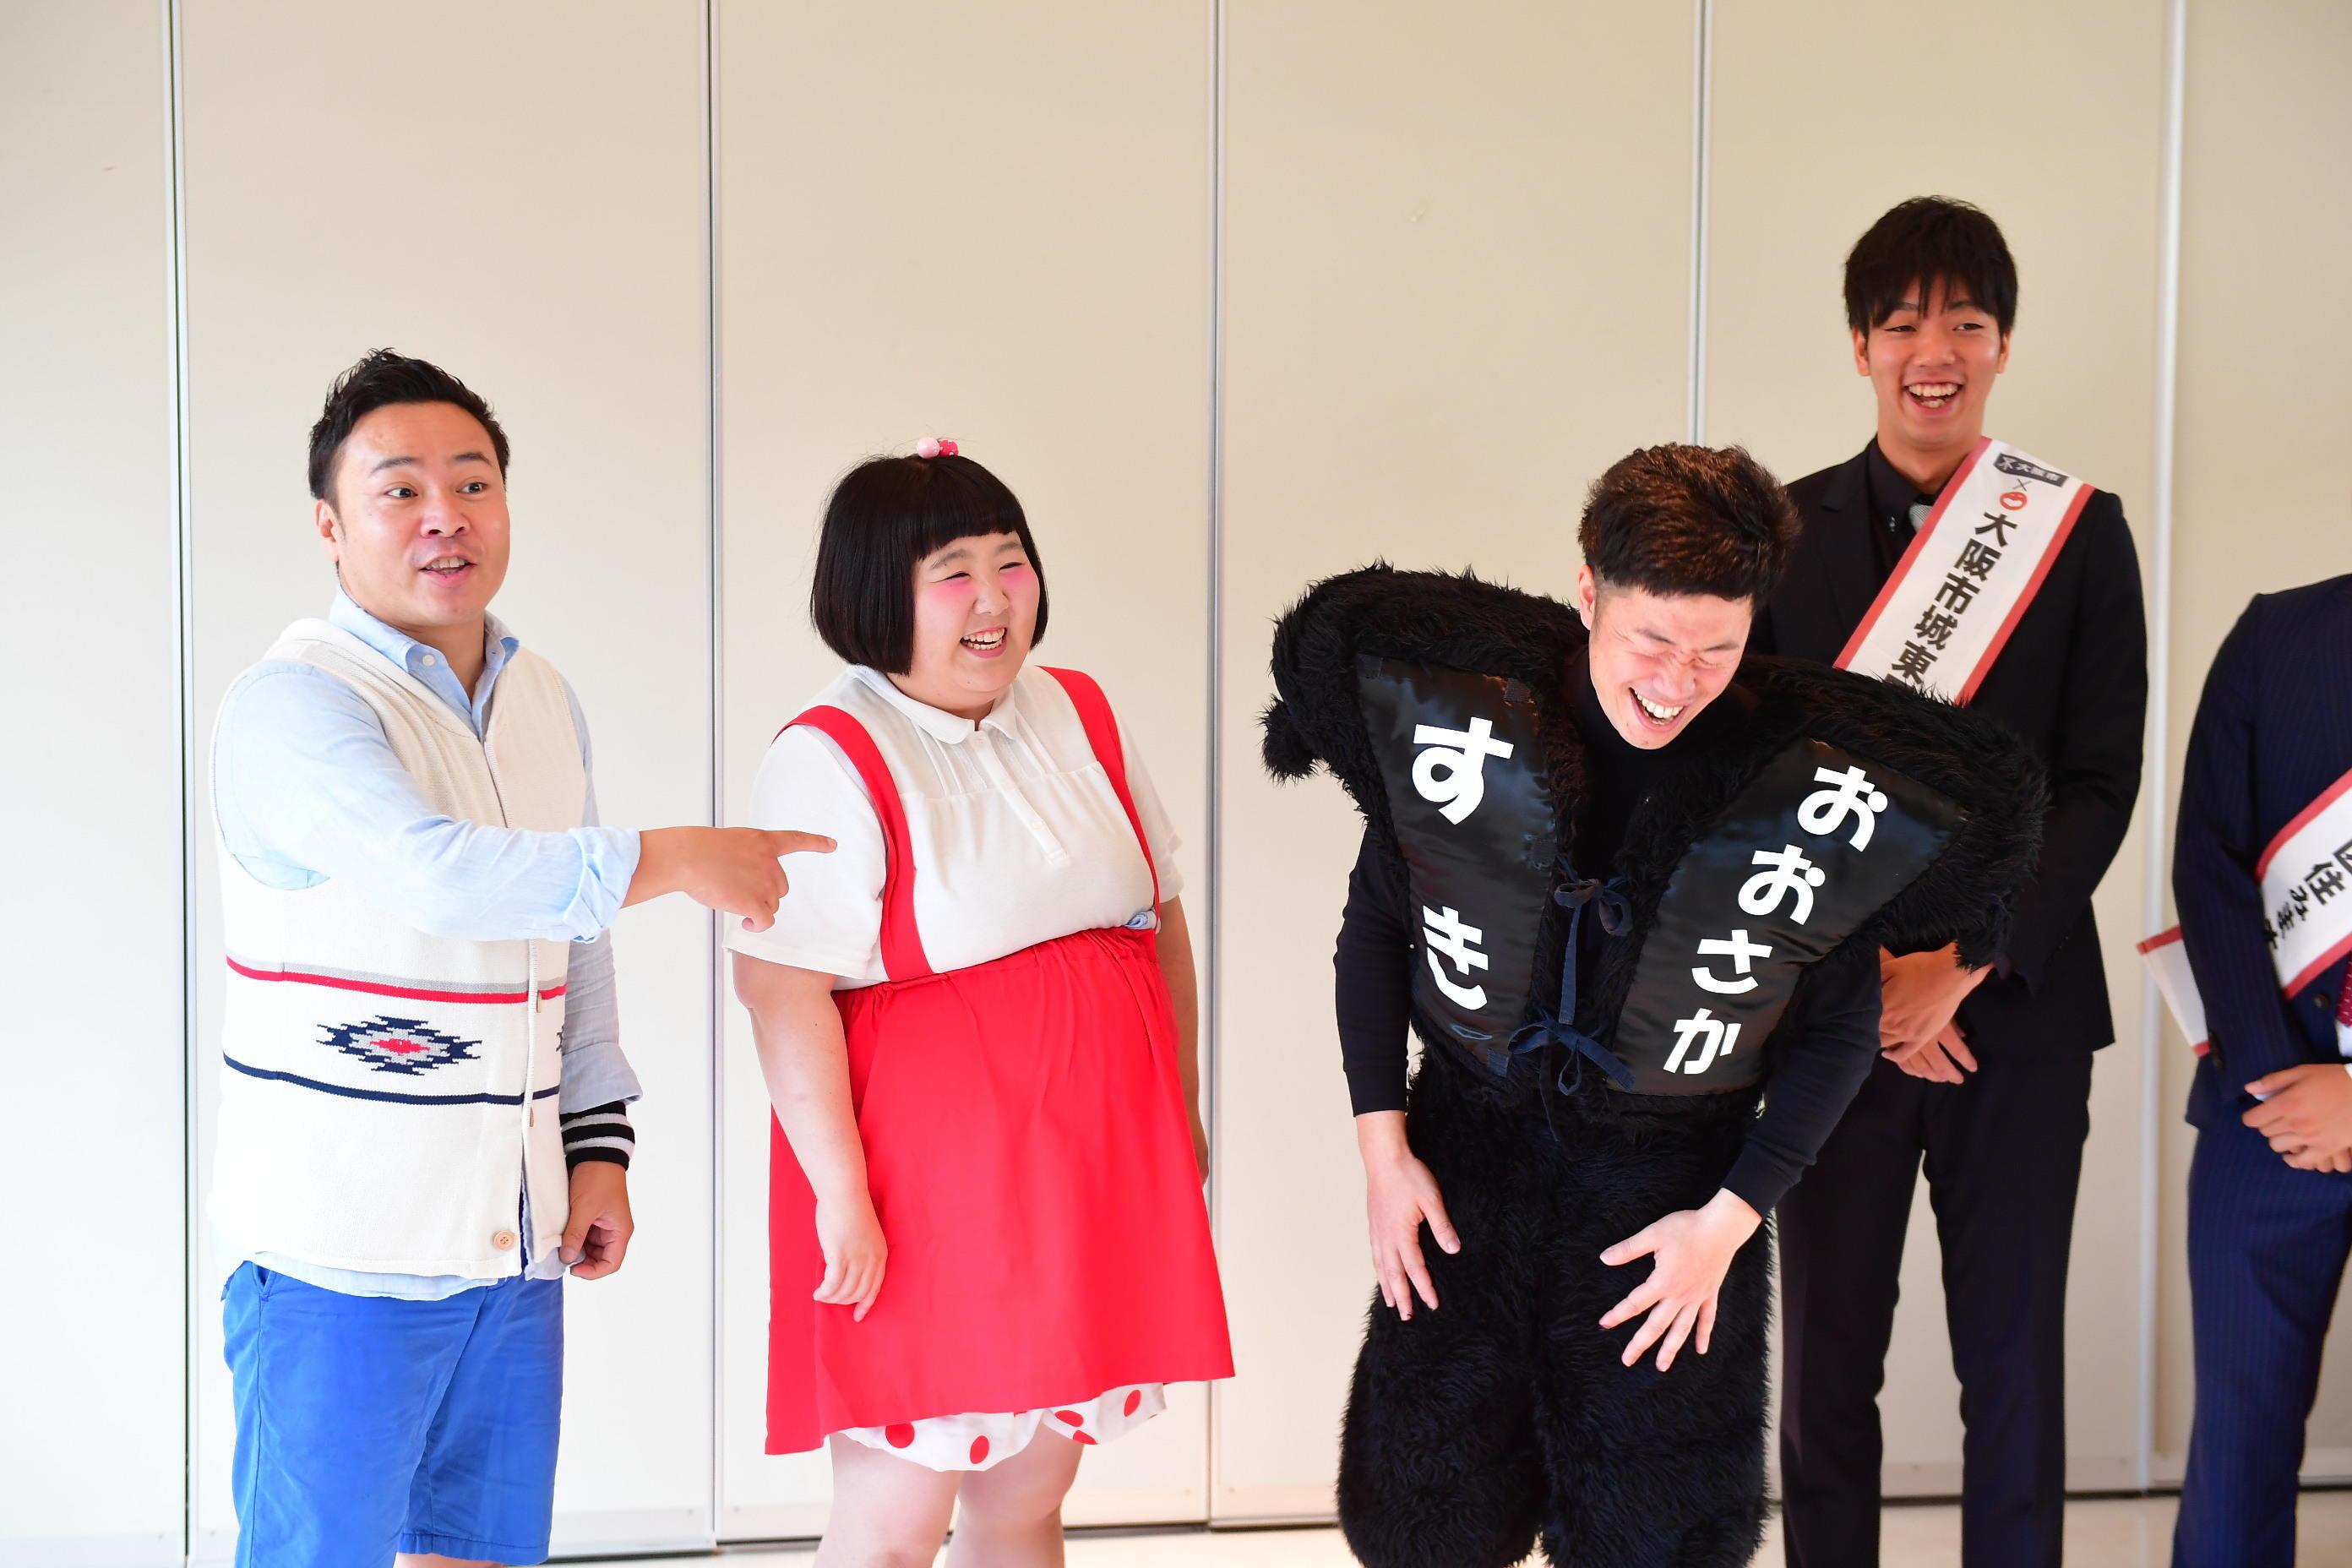 http://news.yoshimoto.co.jp/20180914160324-f89c3d592a2bc3b45455942f25cd46e2958b853d.jpg